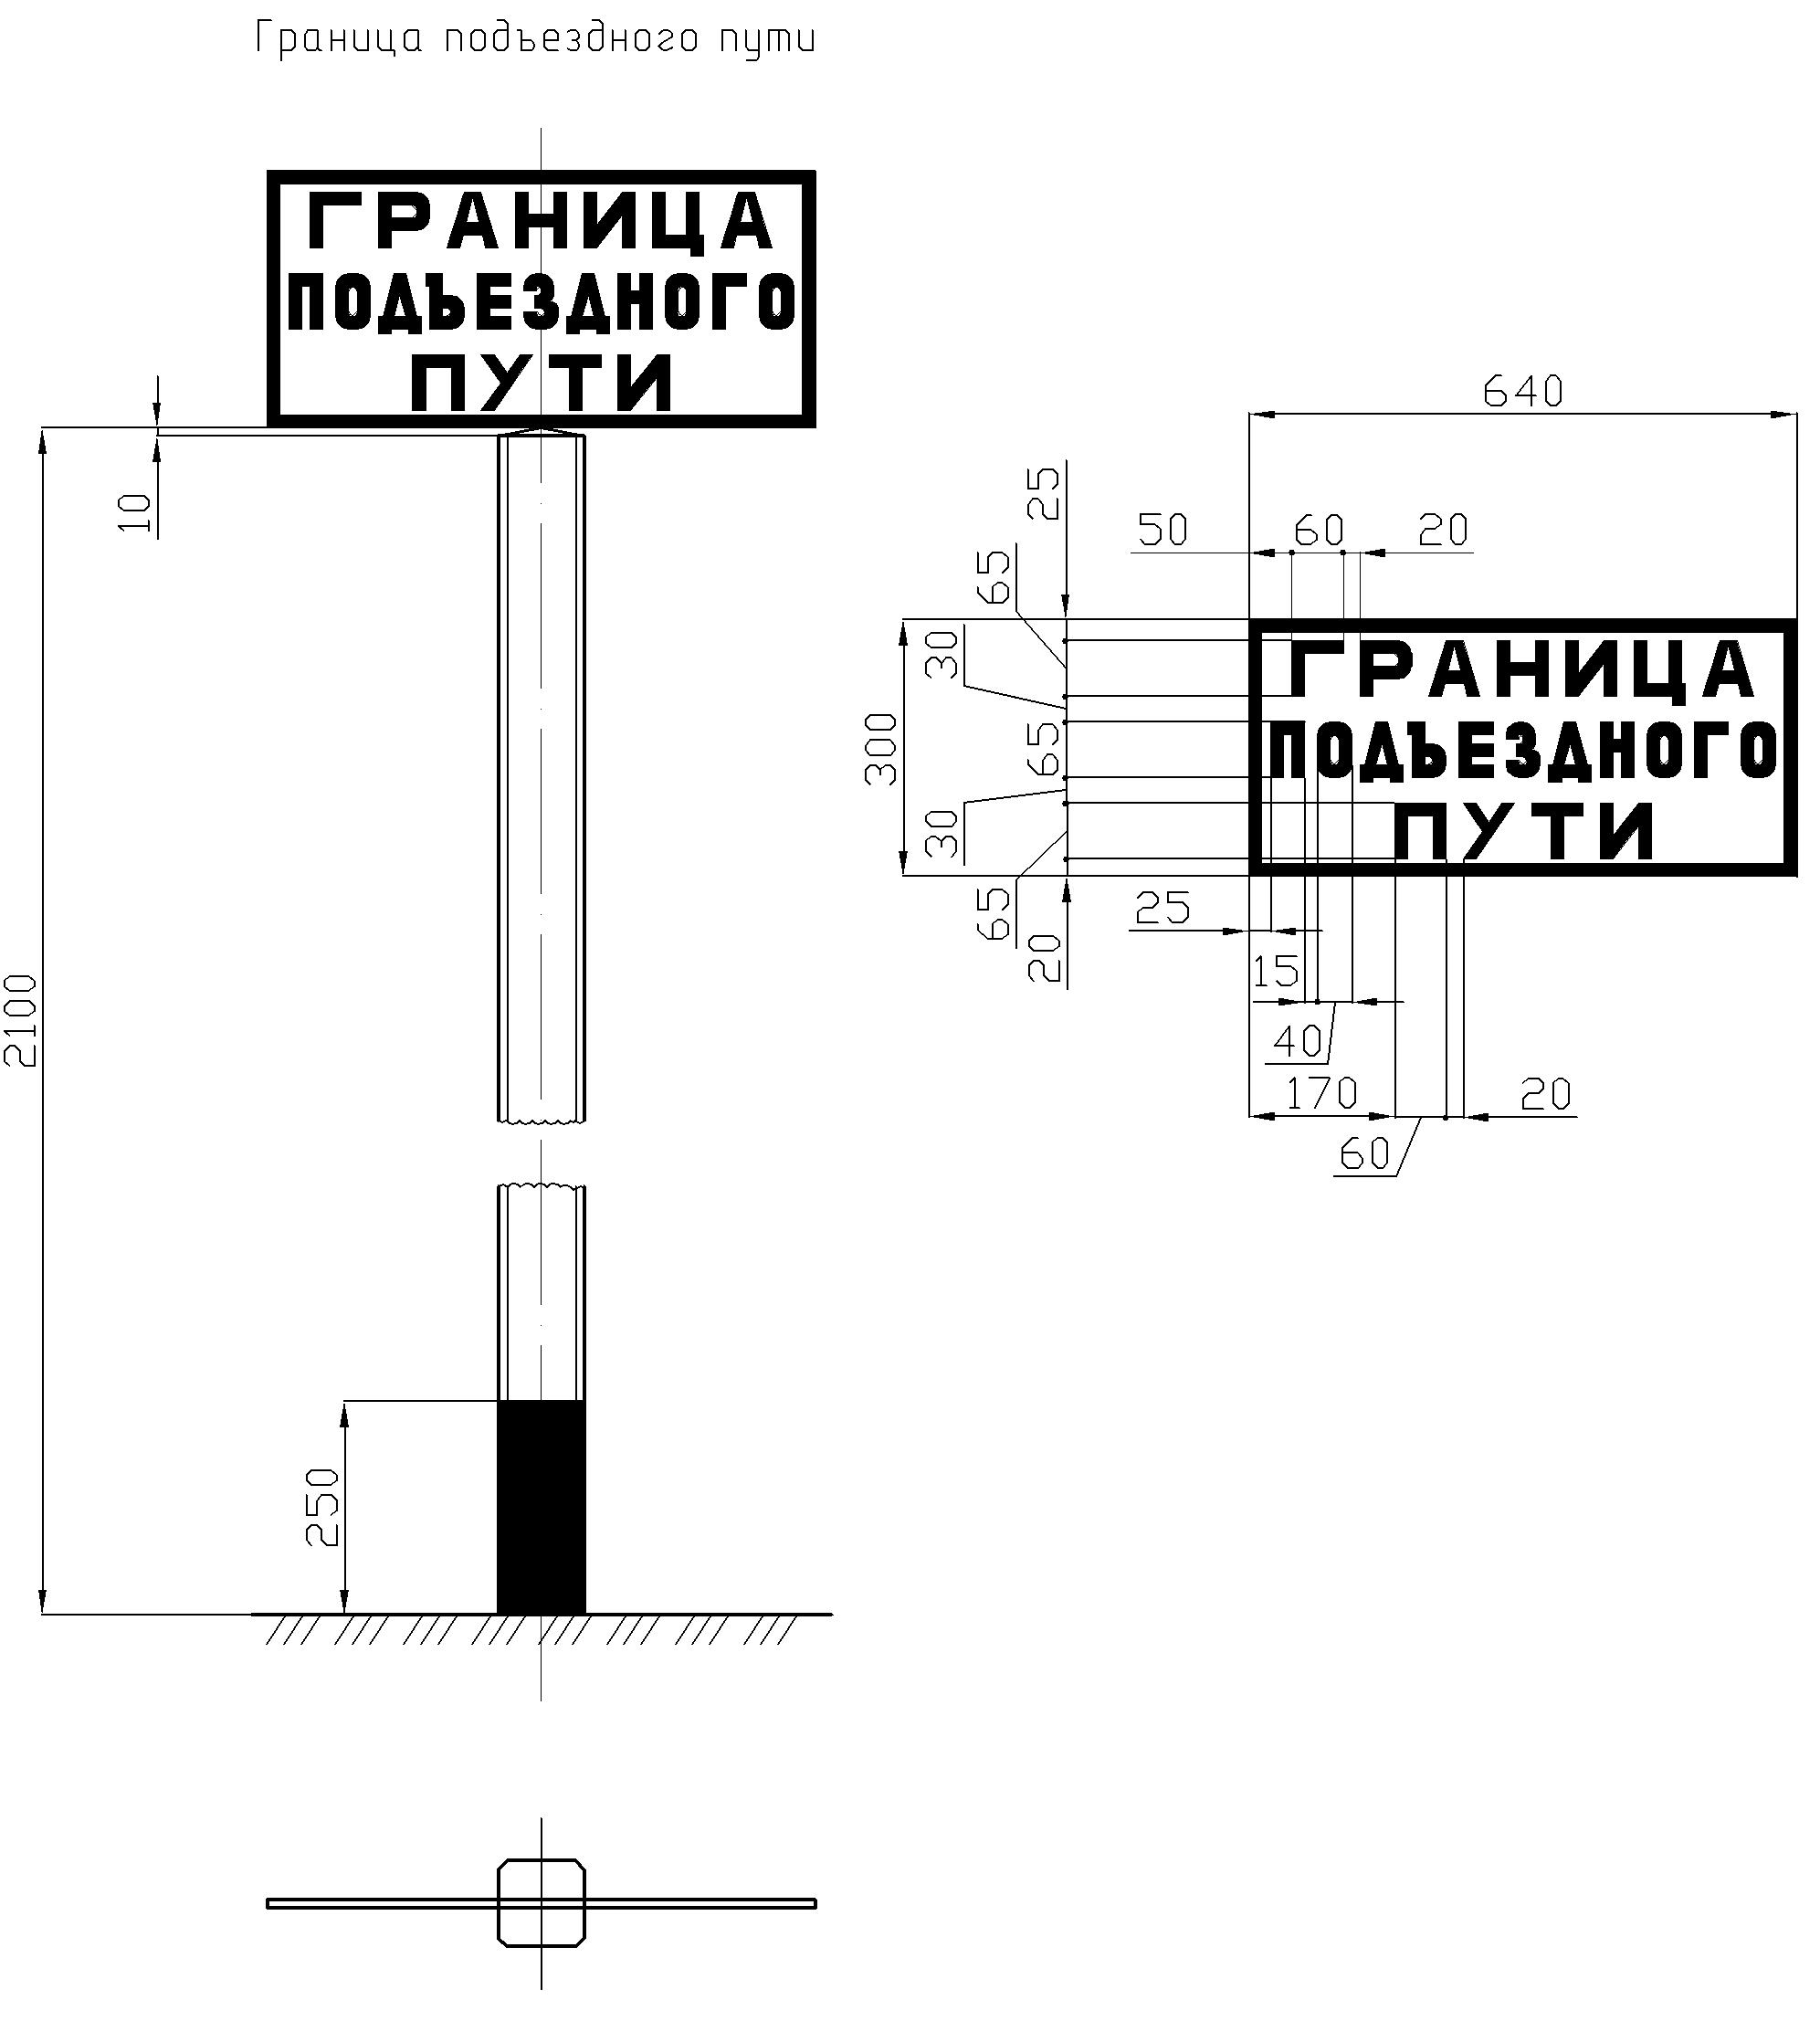 Рисунок 15. Постоянный сигнальный знак «Граница подъездного пути»